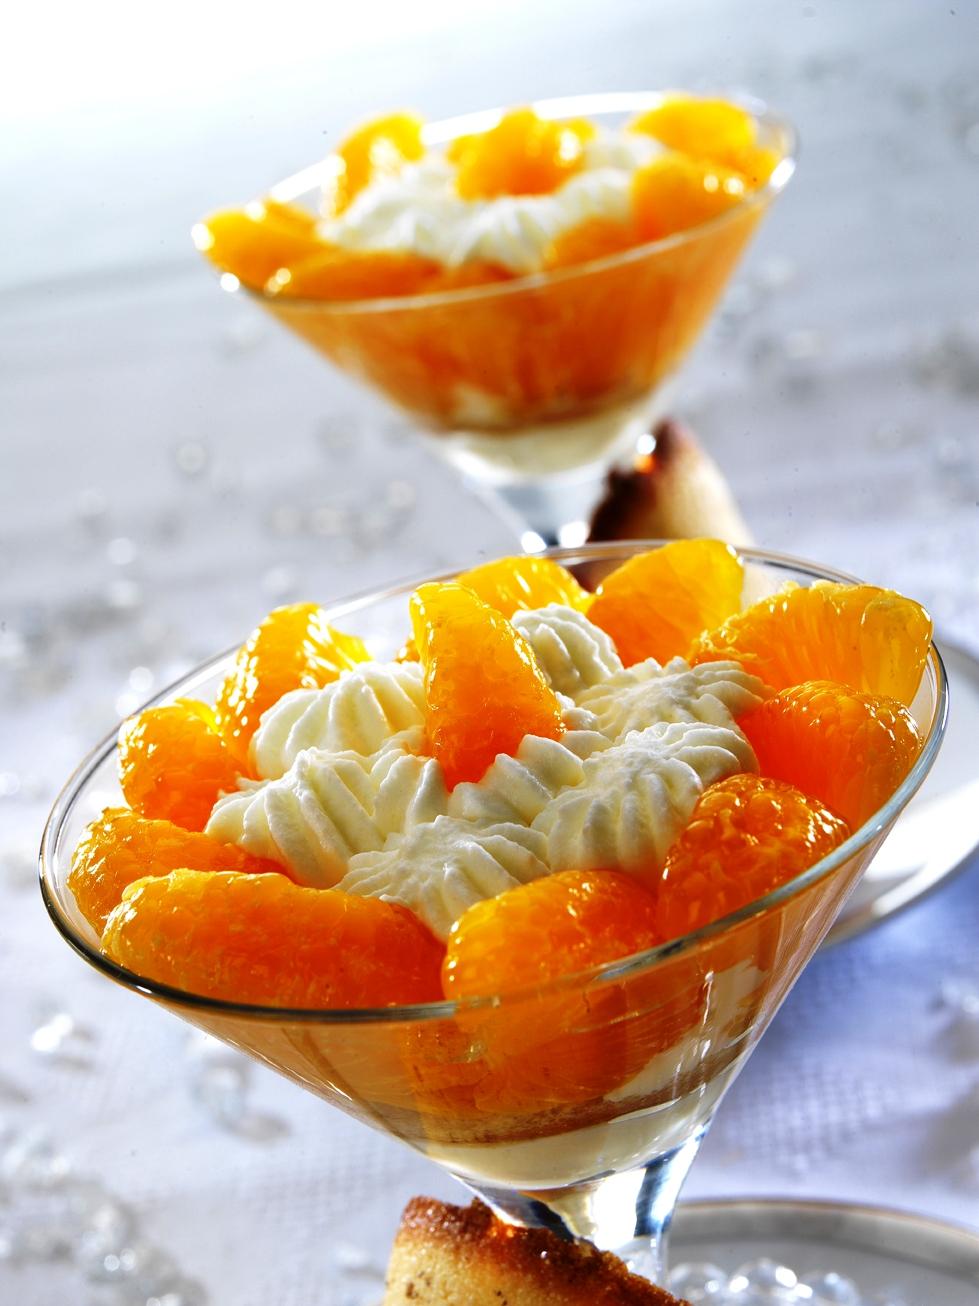 Postres con mandarina cocinar con milagros - Postre con mandarinas ...